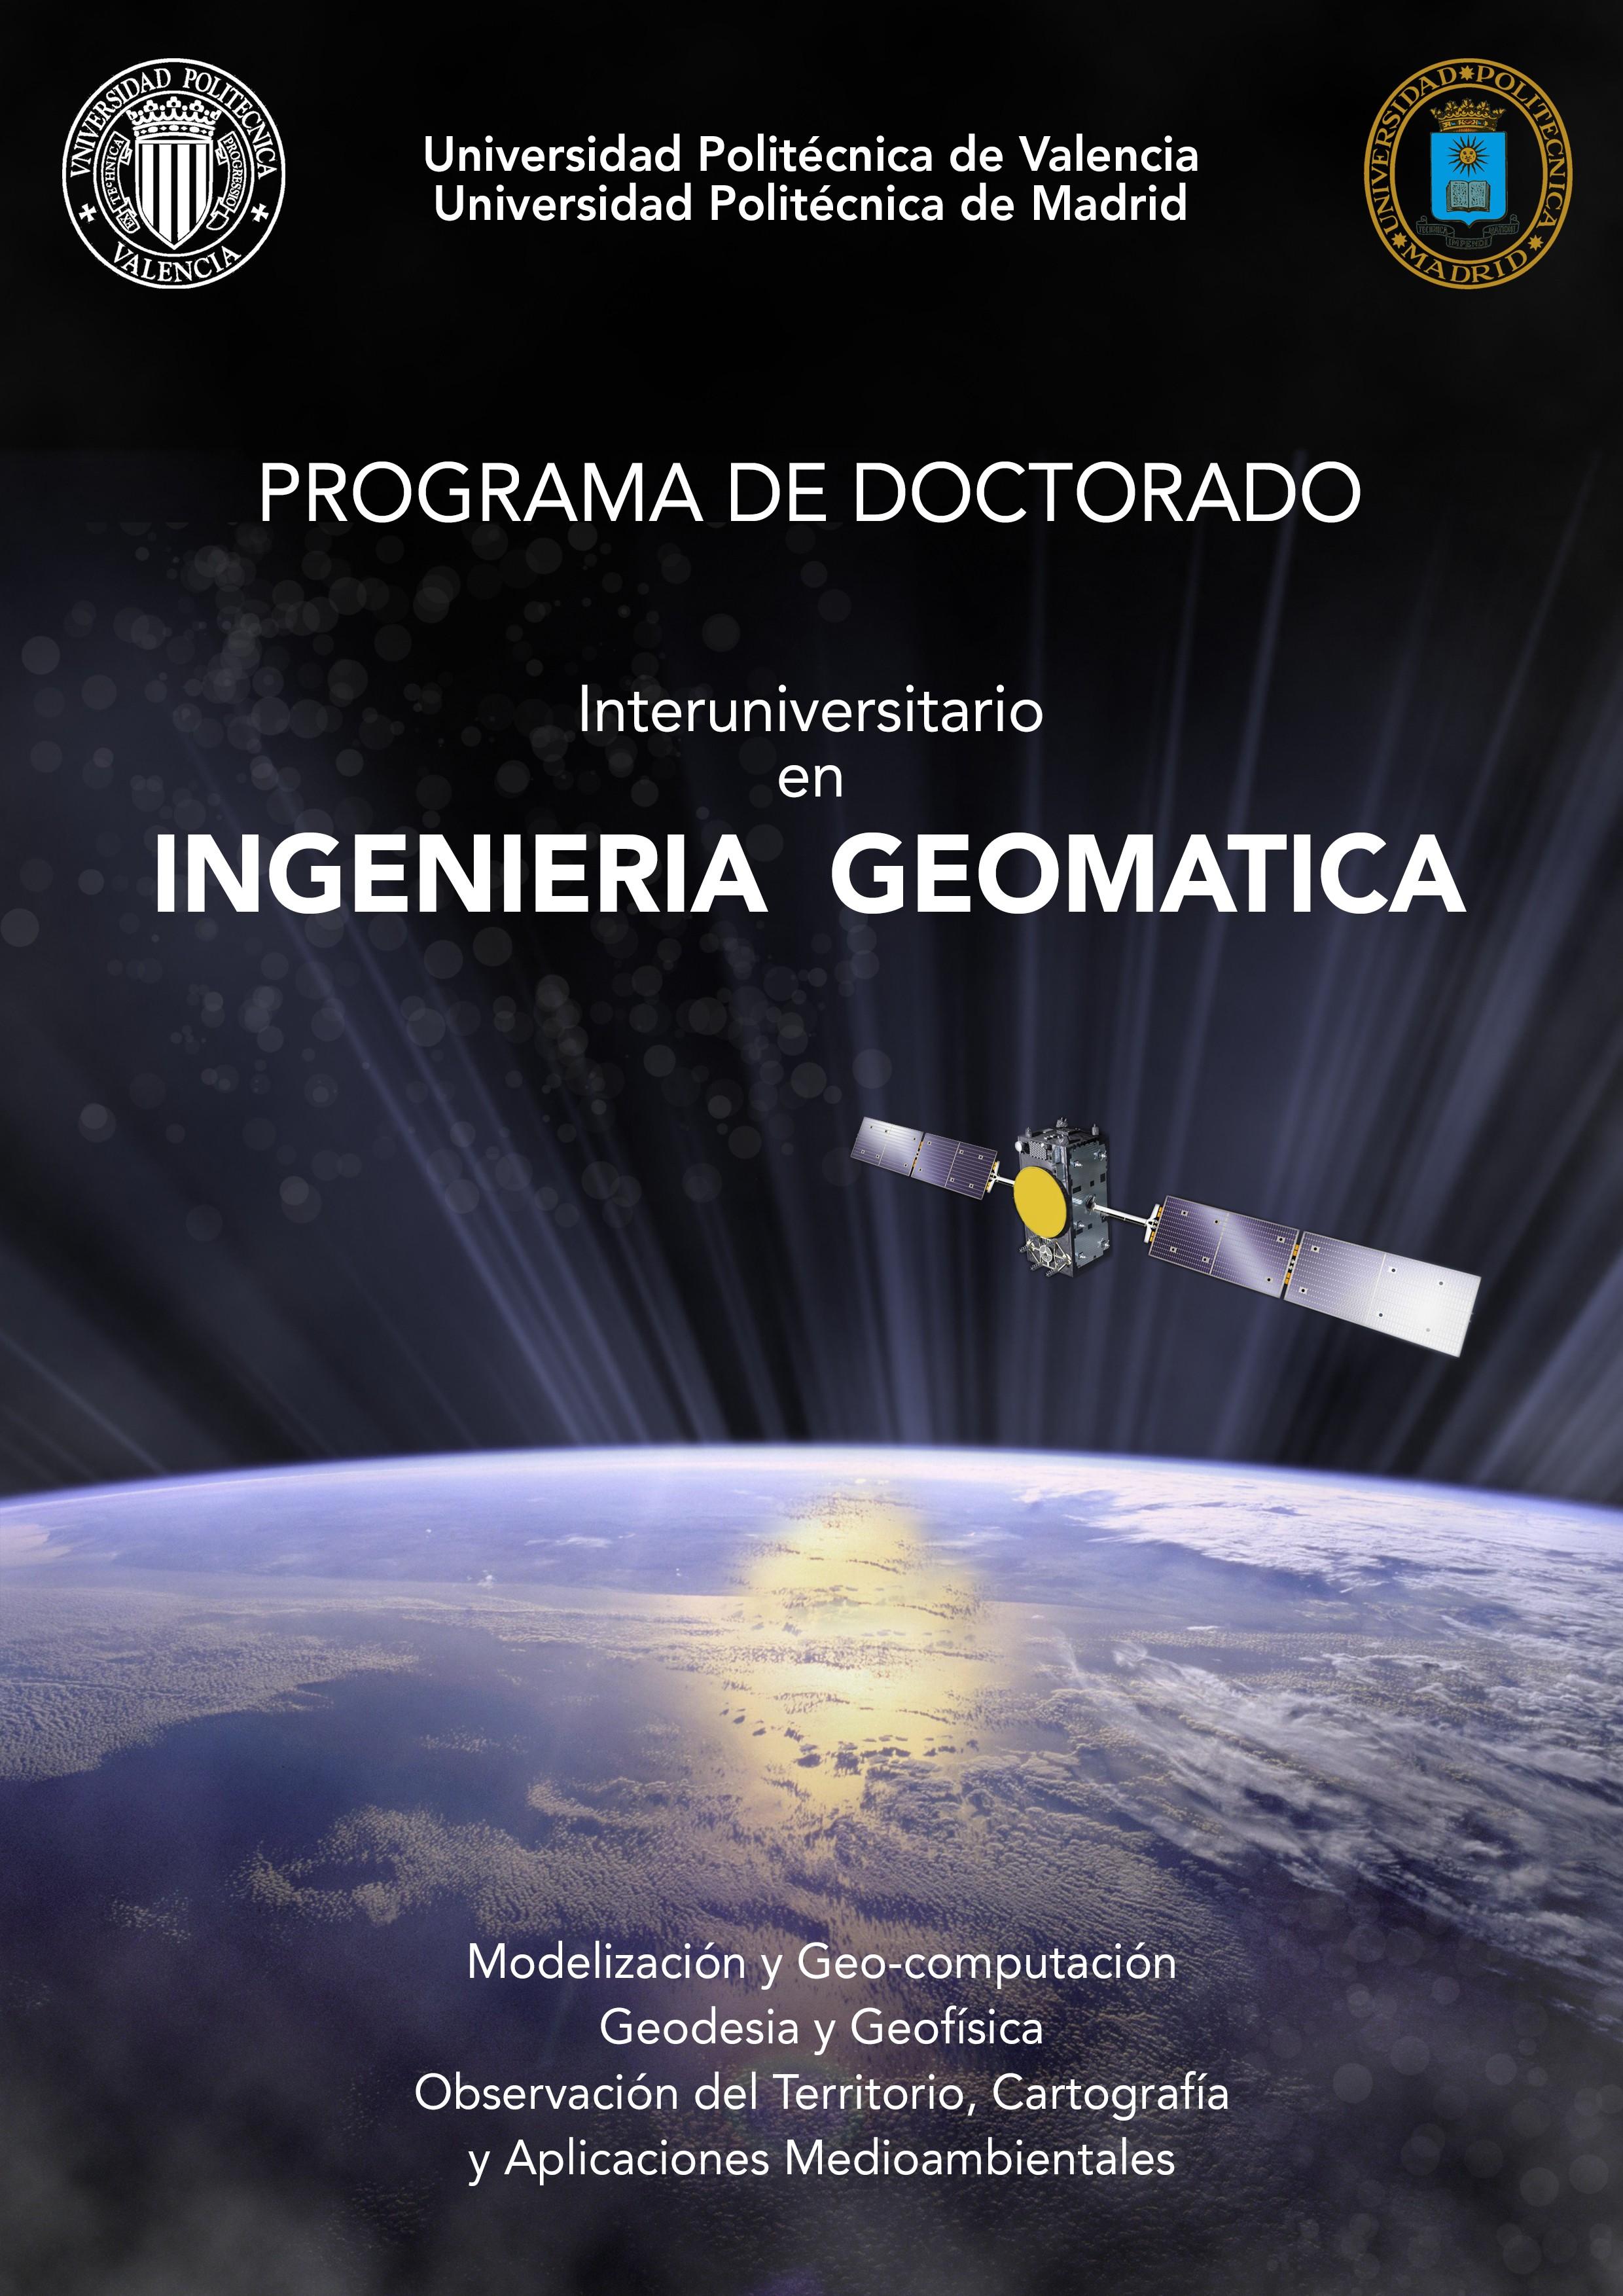 doctorado geomatica Universidades de España anuncian el Programa de Doctorado en Ingeniería Geomática